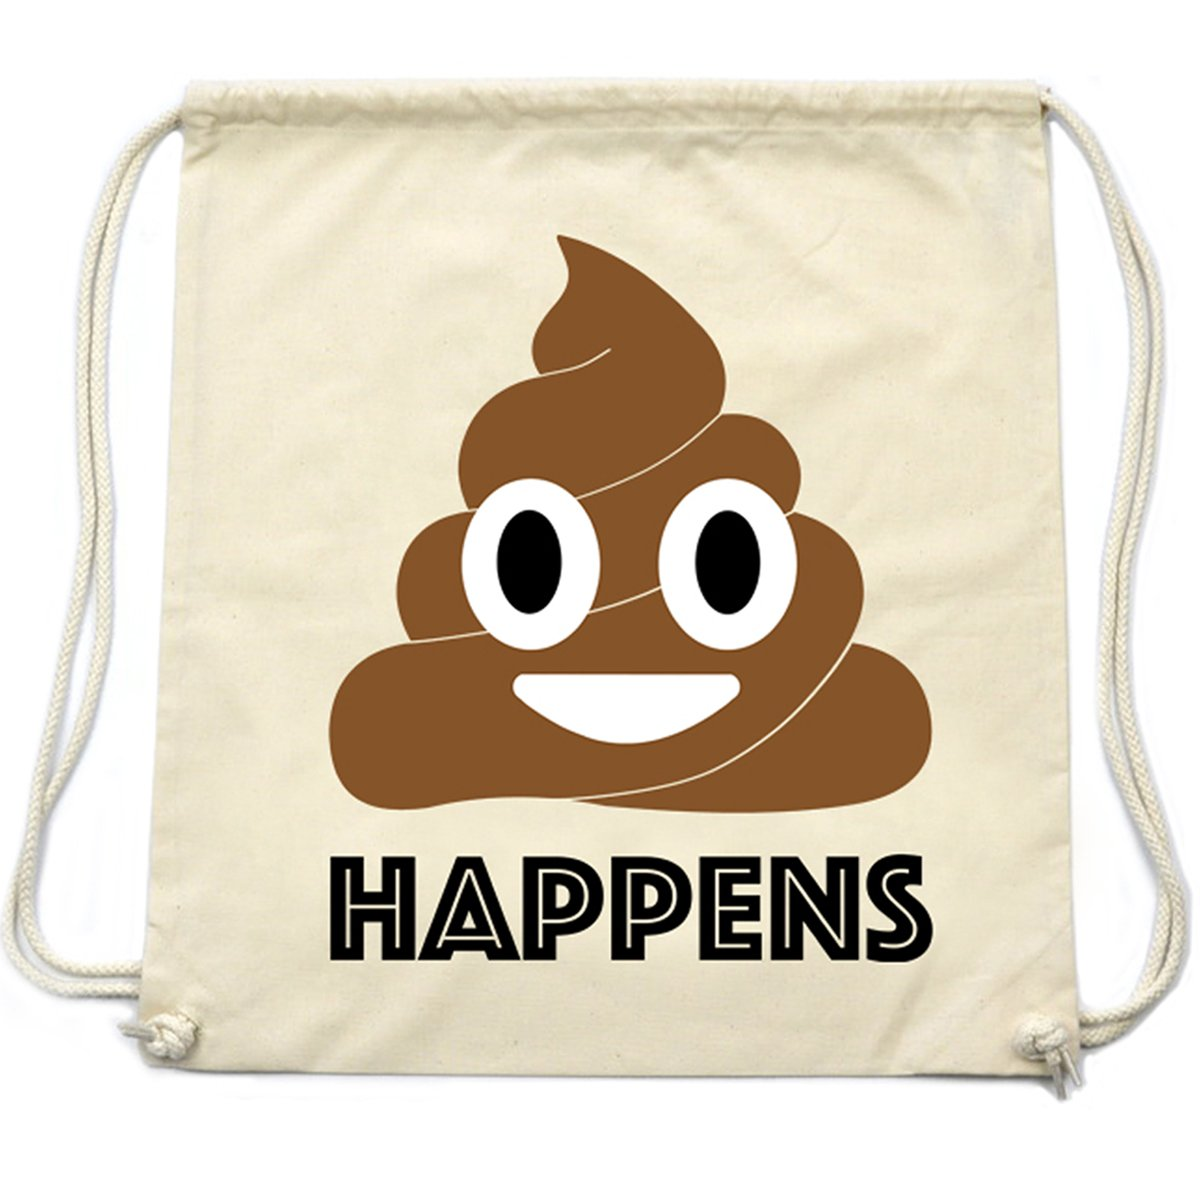 PREMYO Sac à dos cordon avec Emoji motif drôle. Sac à cordon en coton avec impression Émoticône Smiley Merde Poo. Sac de gym/sport imprimé. Sac à ficelles en tissu haut de gamme pour la route 1282